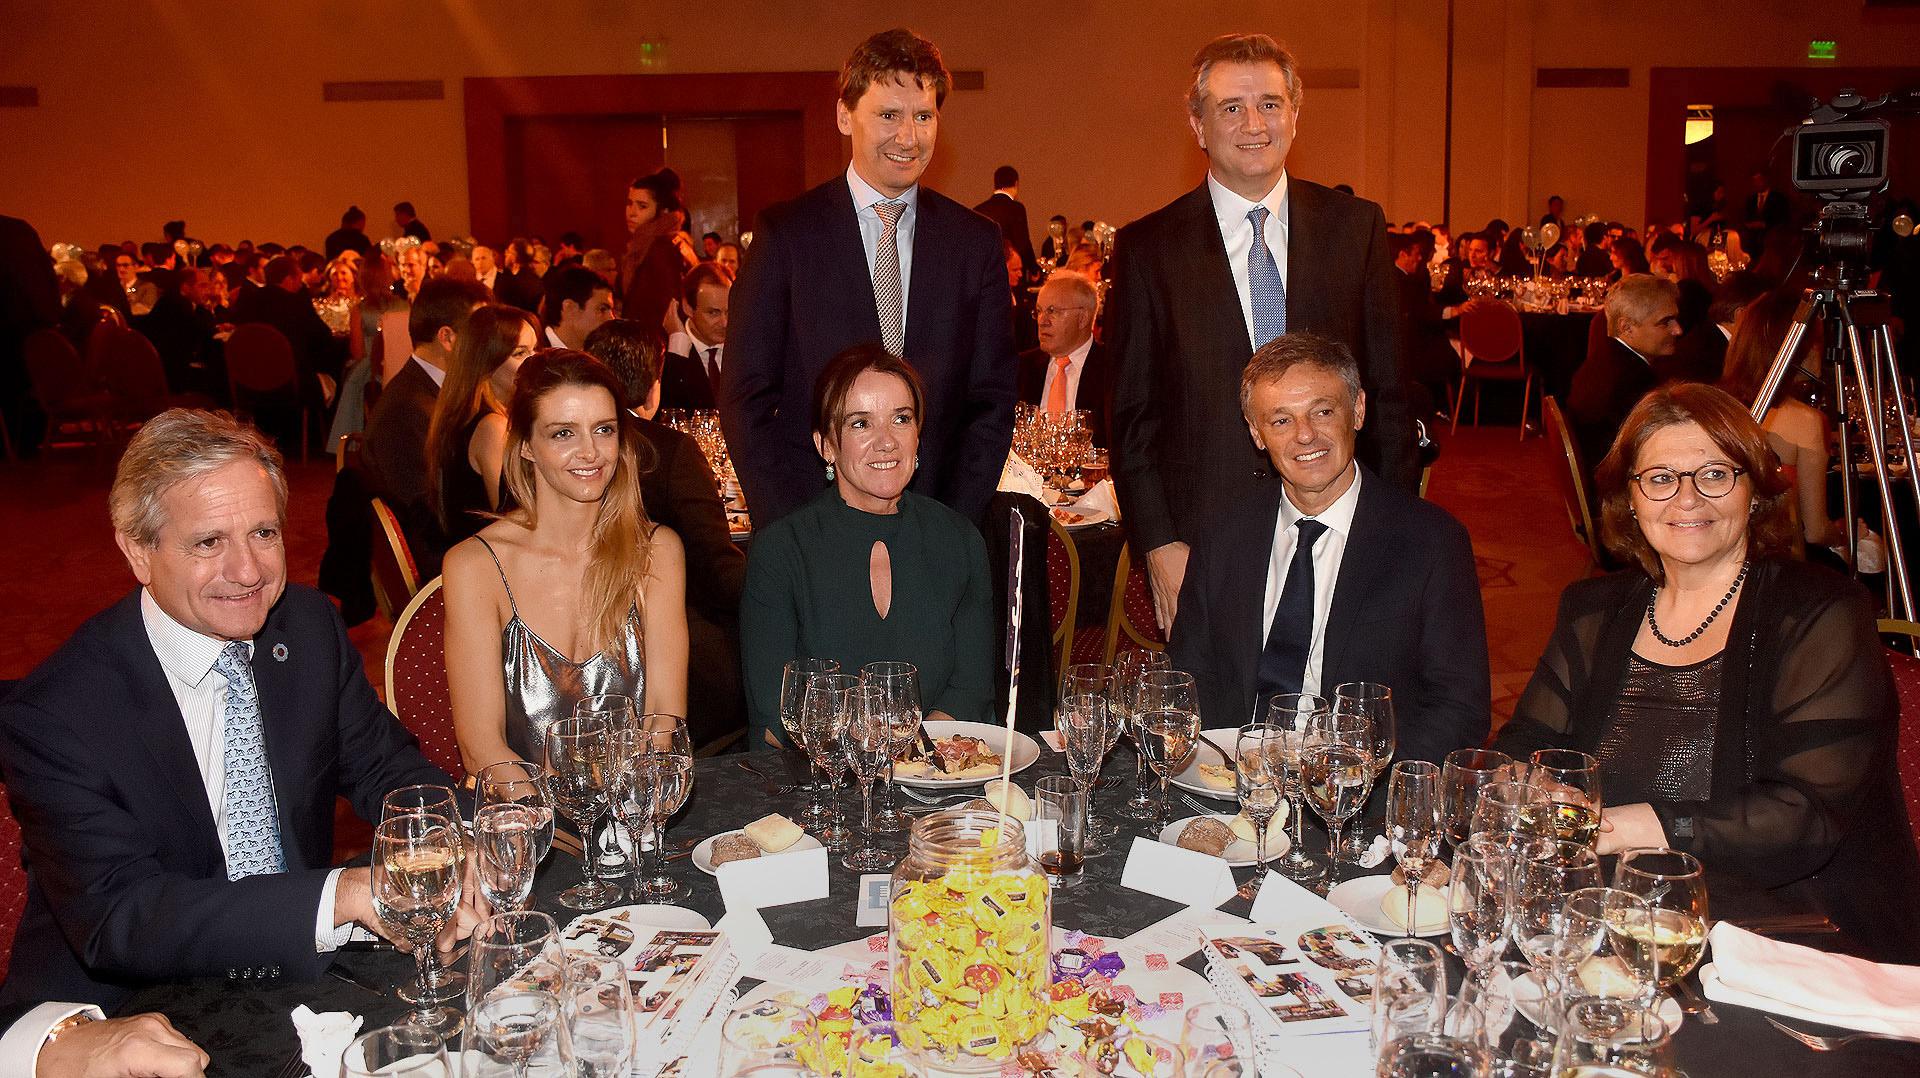 Andrés Ibarra, Josefina Maxit, Francisco Cabrera, Claudio Maulhardt y Luis Miguel Etchevehere